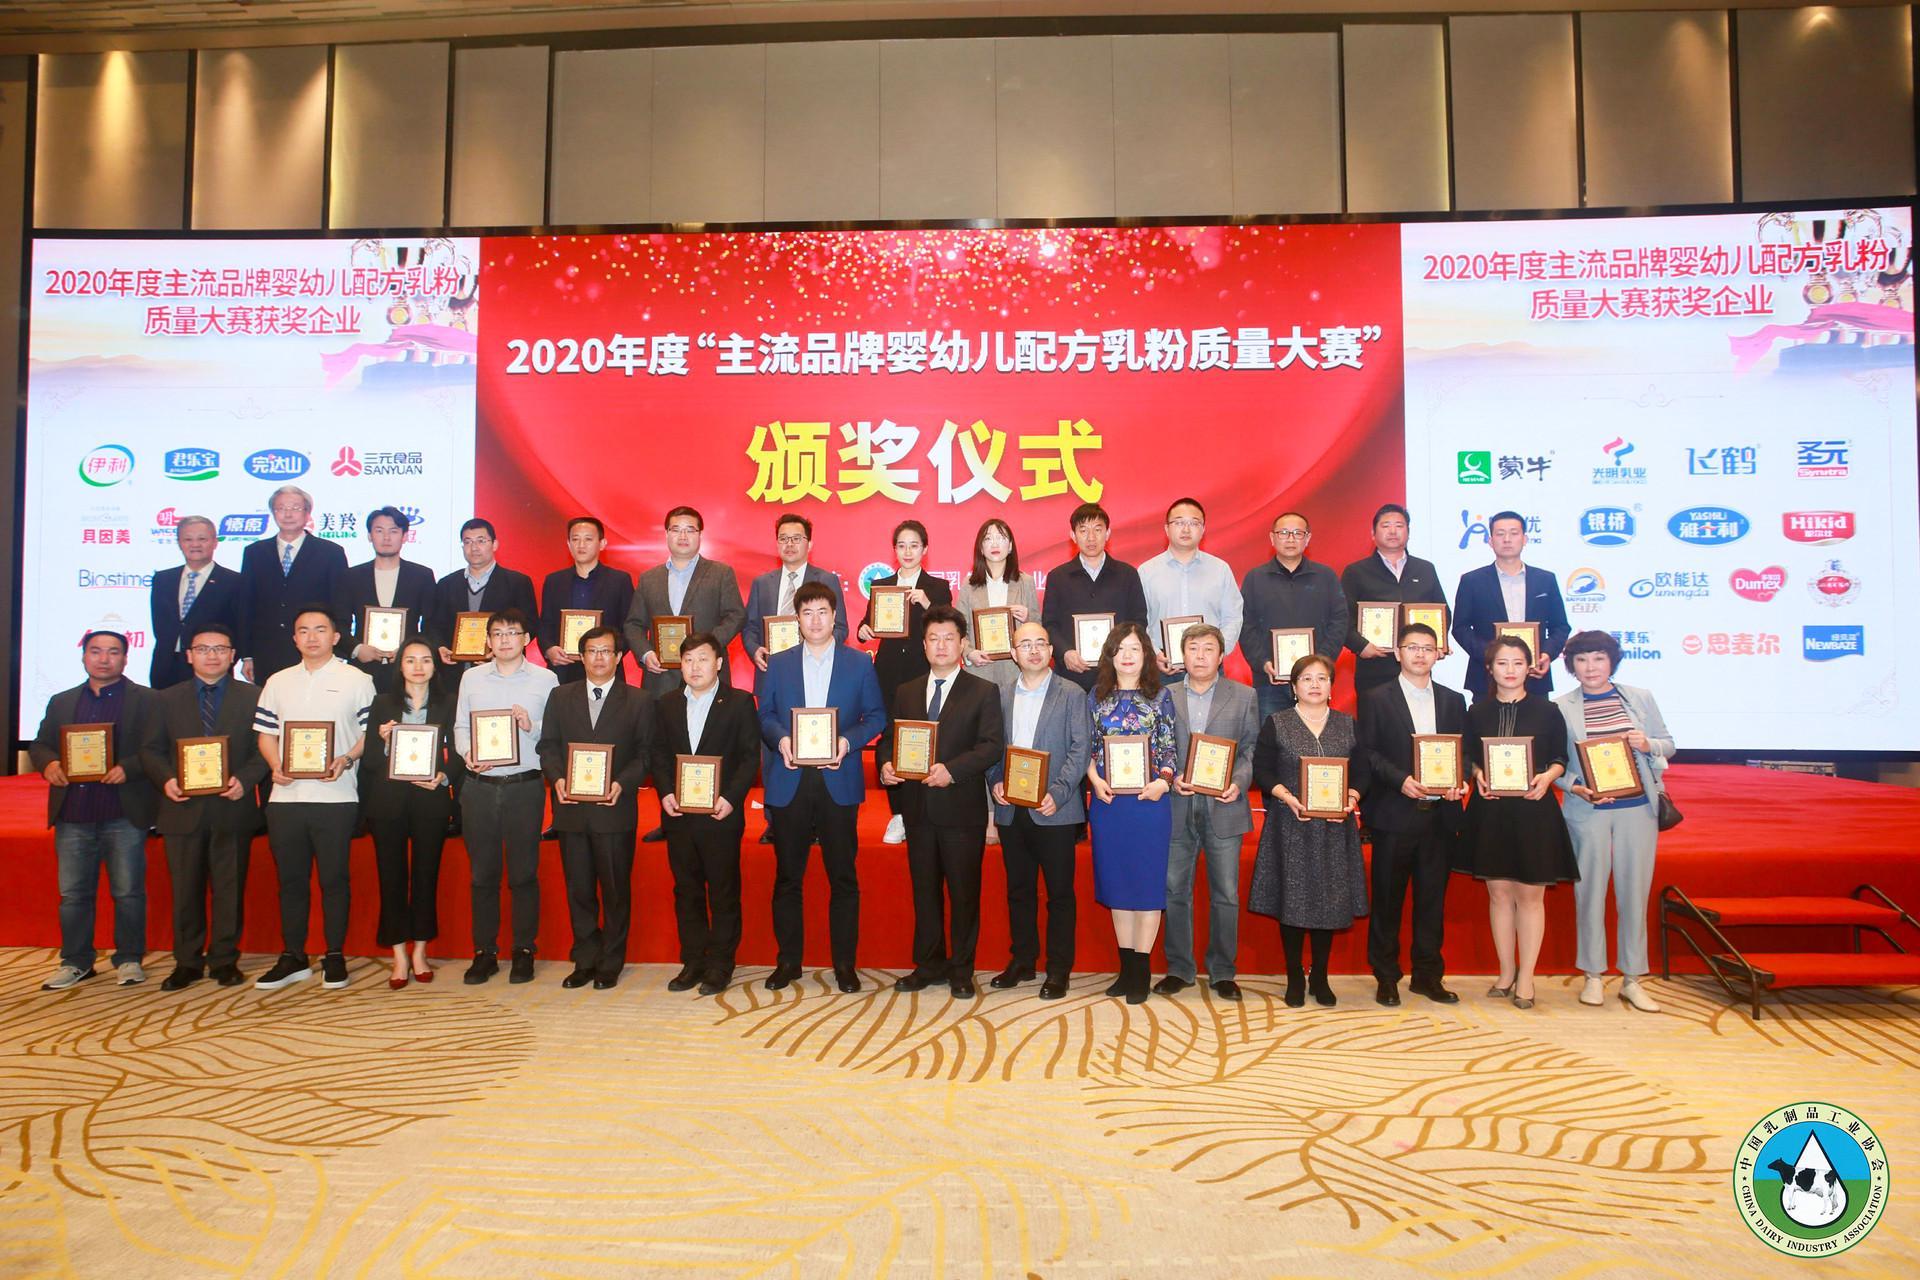 中国乳业盛会,大象包车再获2020年度主流品牌婴配粉质量金奖